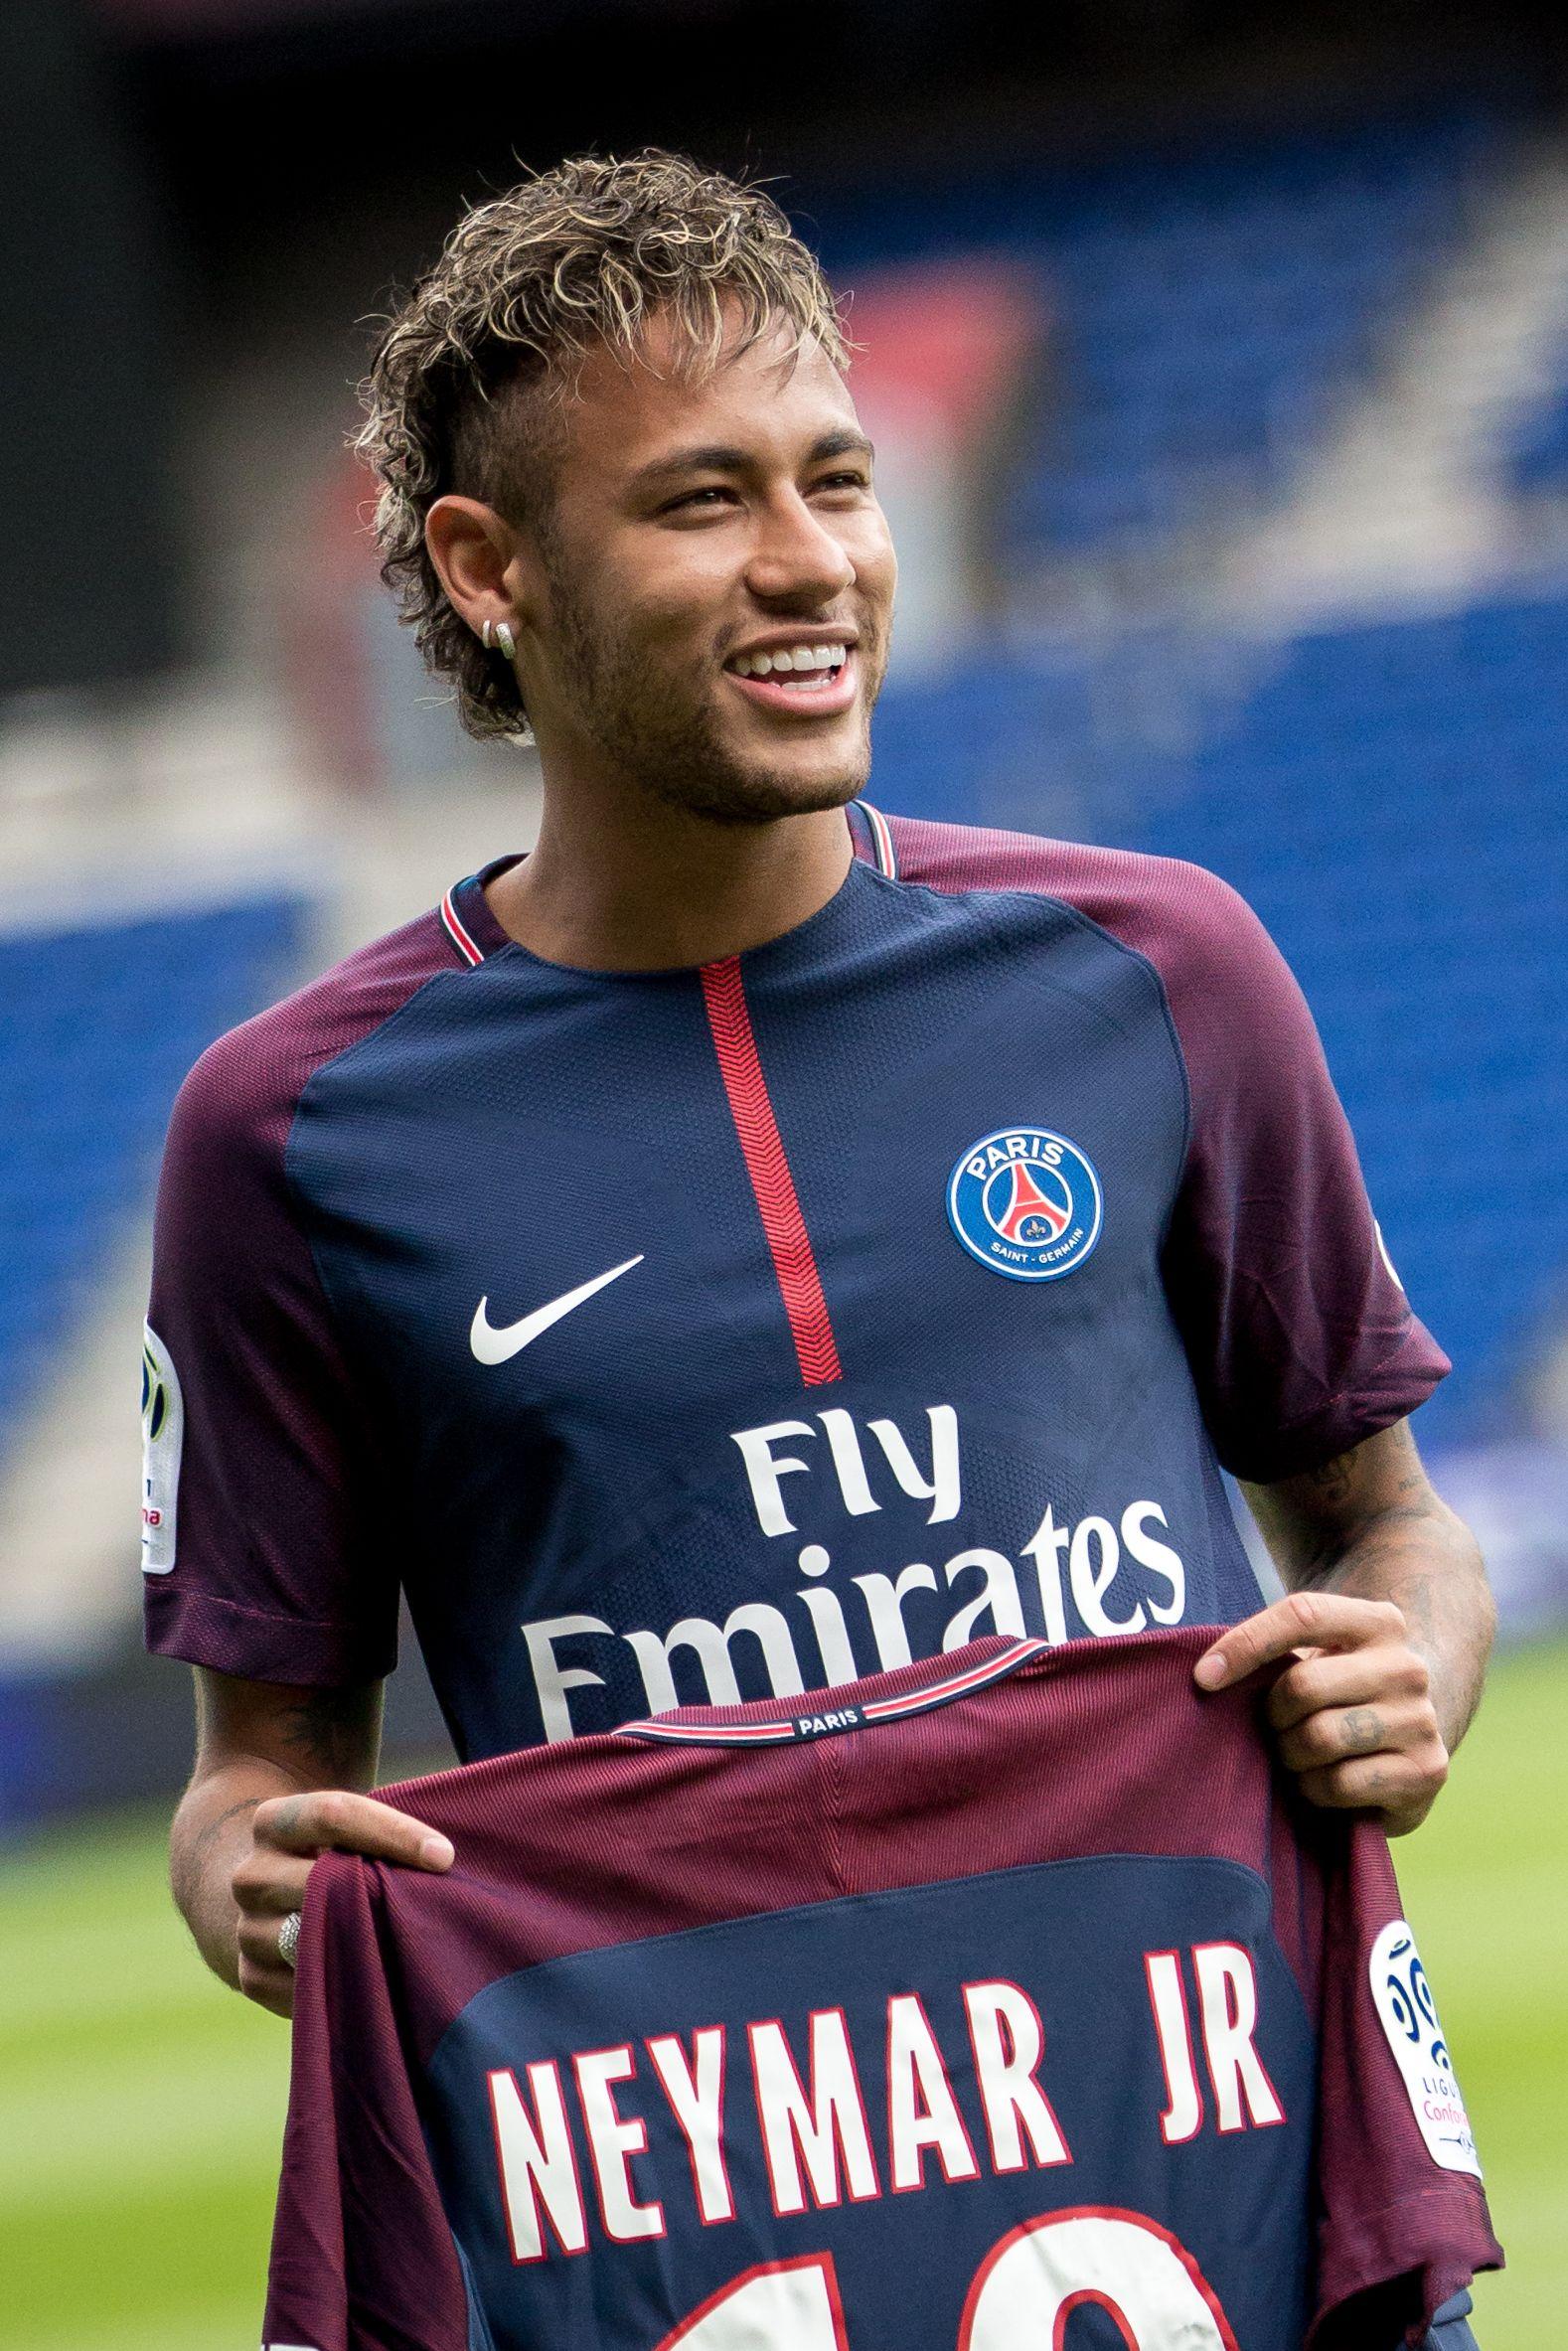 NeymarJr holding up his PSG jersey Fan360 Neymar